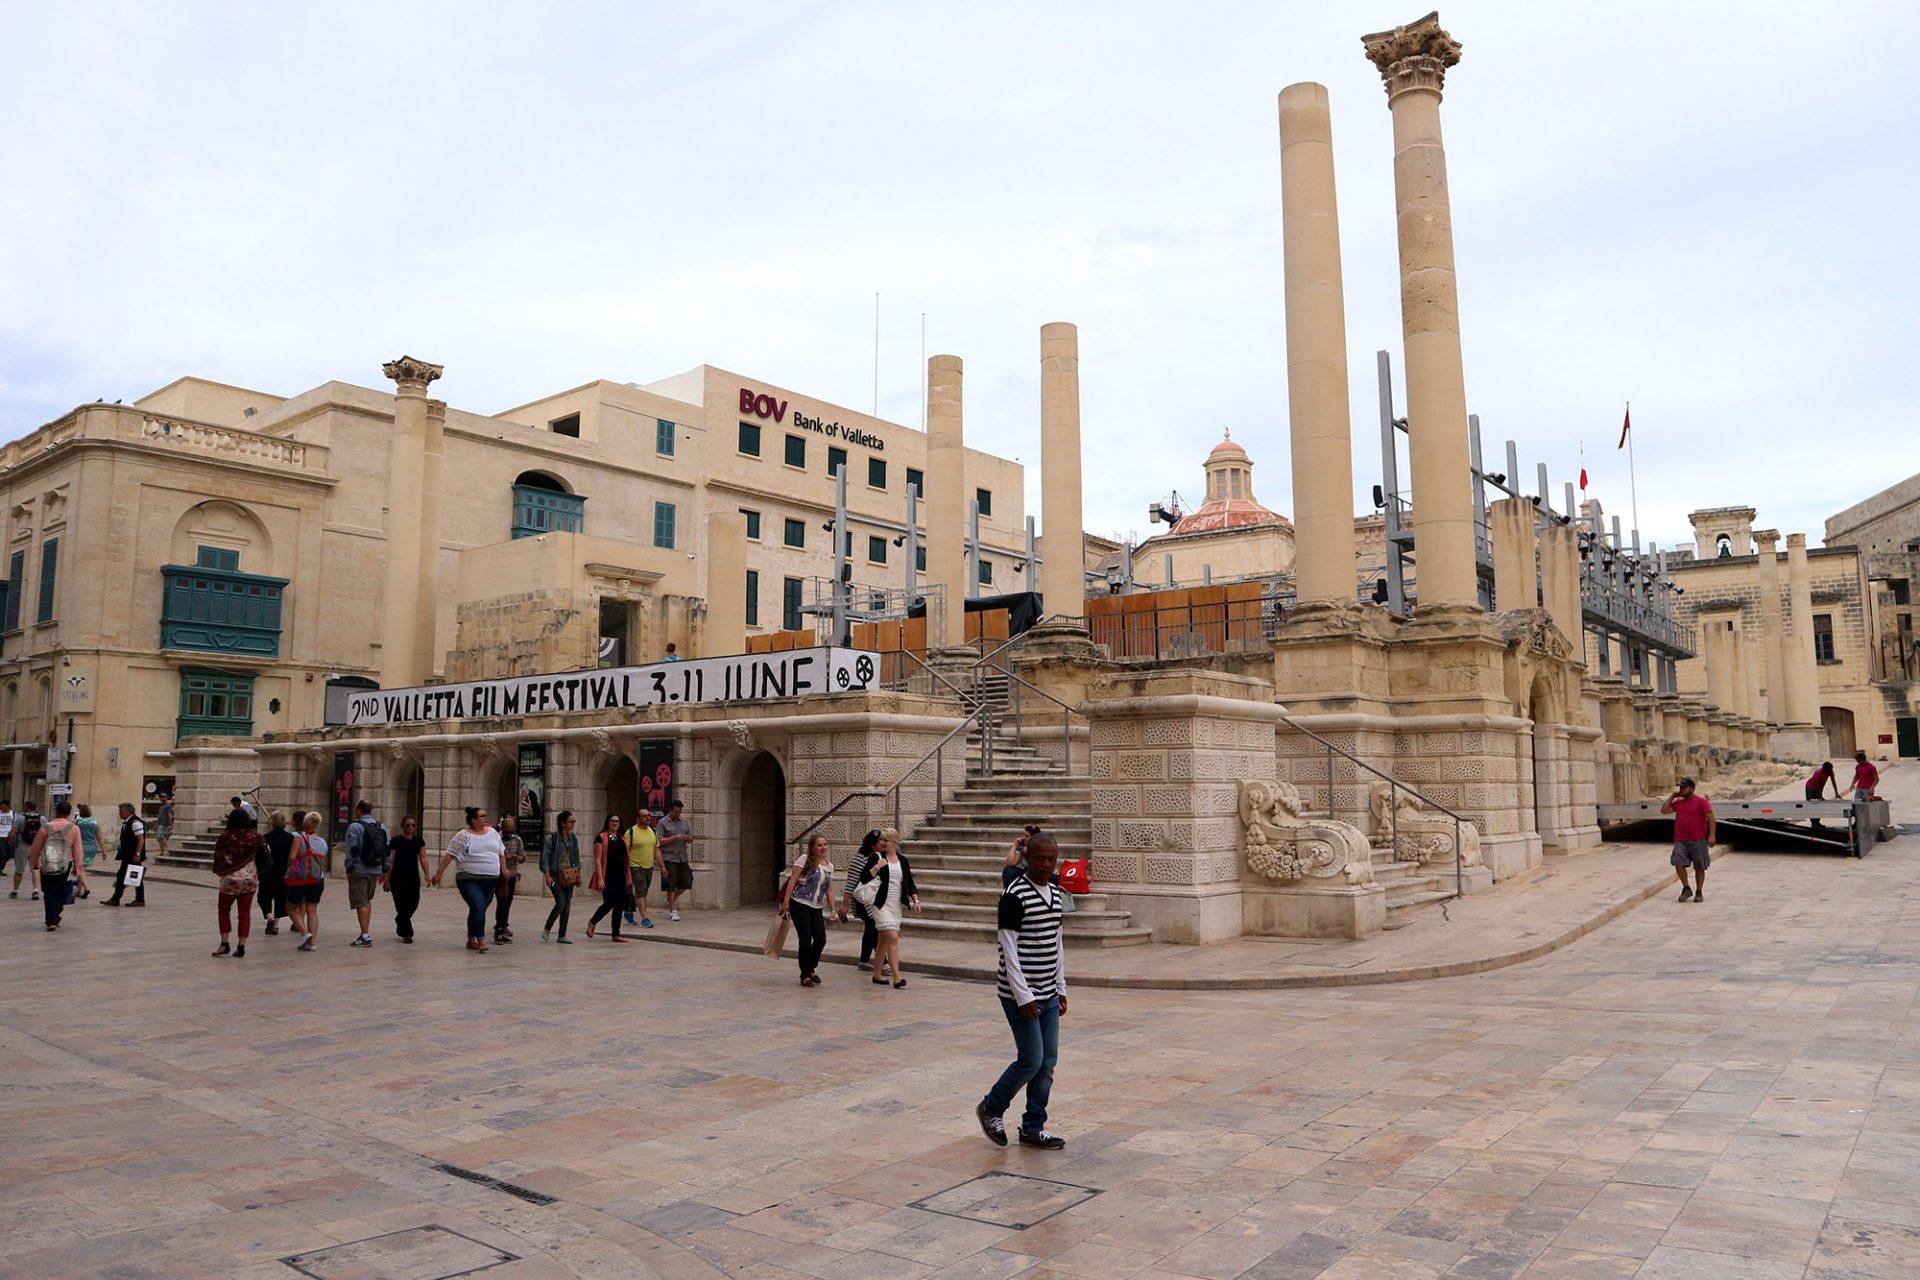 Exponiert. Das Theater sollte zunächst wiedererrichtet werden. Schließlich entschied man sich für Renzo Pianos Variante, einer Kombination aus Ruine und Open Air Theater.